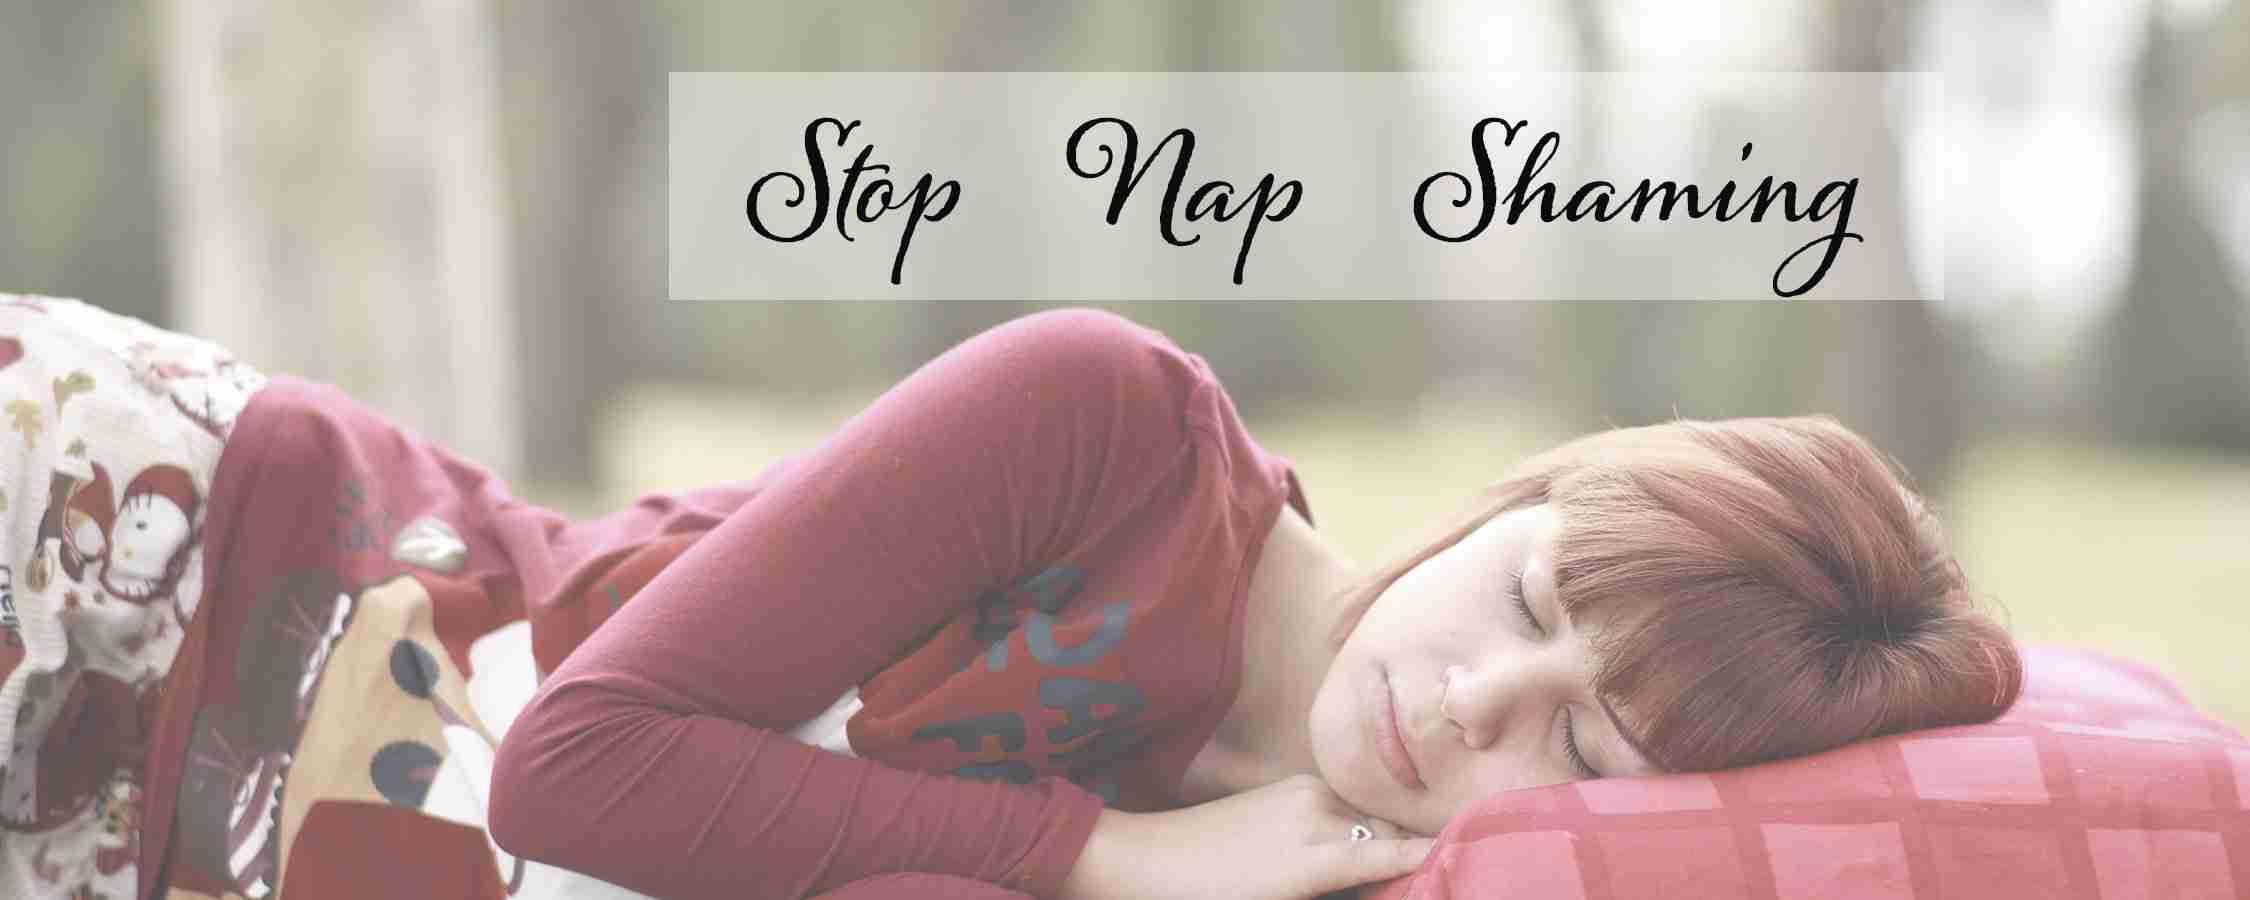 Stop Nap Shaming